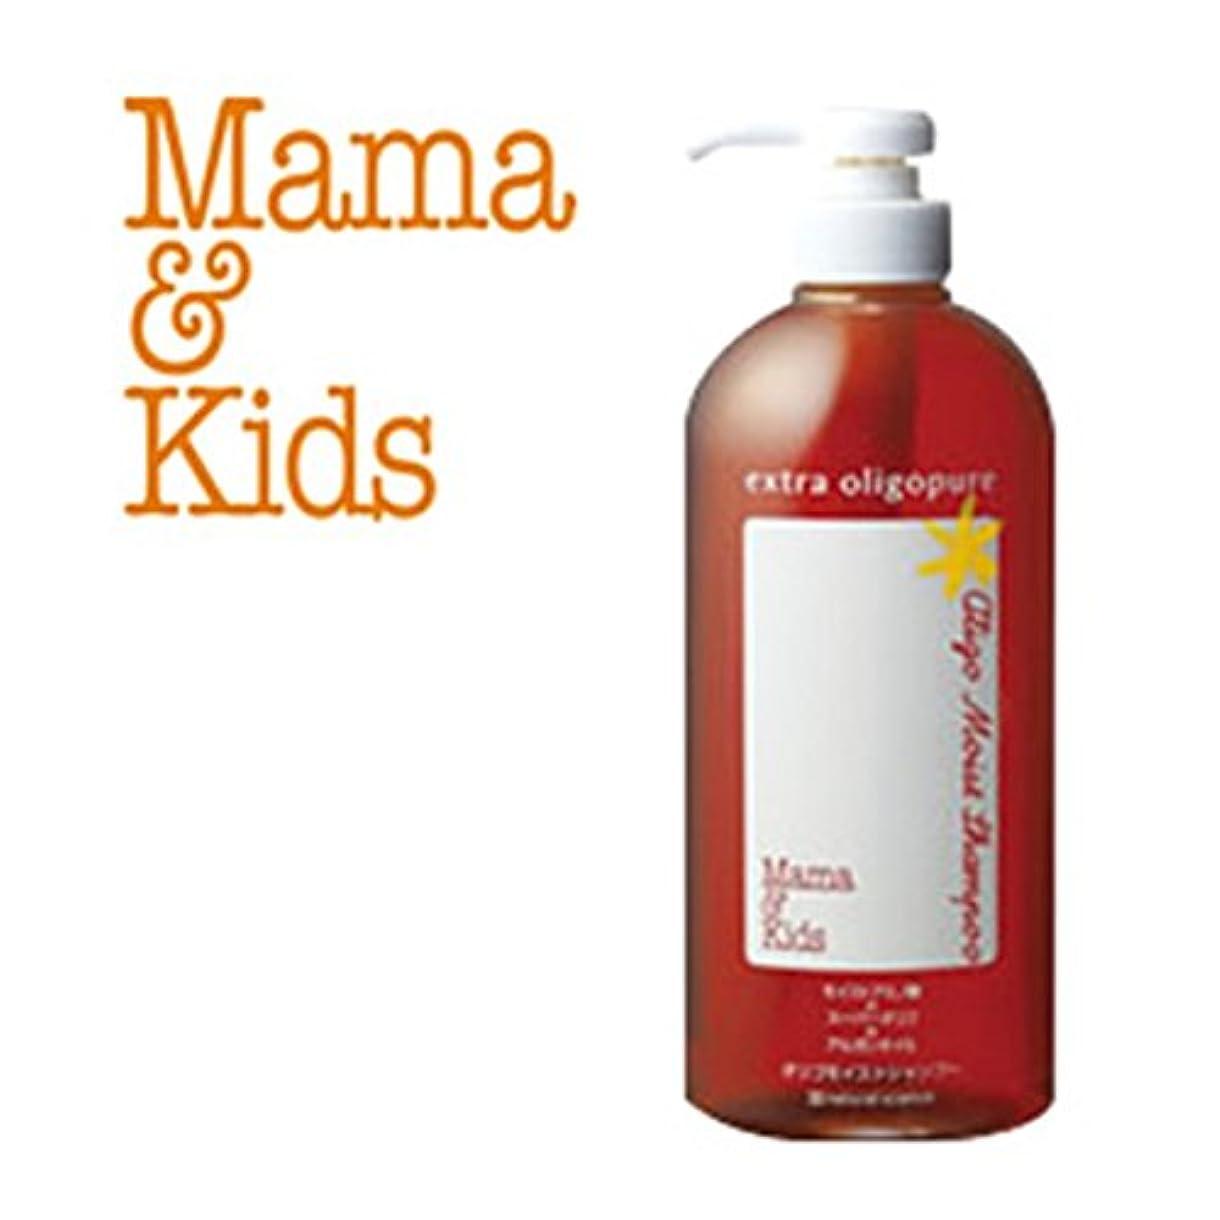 理想的には追加ユニークなママ&キッズ オリゴモイストシャンプー720ML/Mama&Kids Oligo Moist Shampoo/洗发水